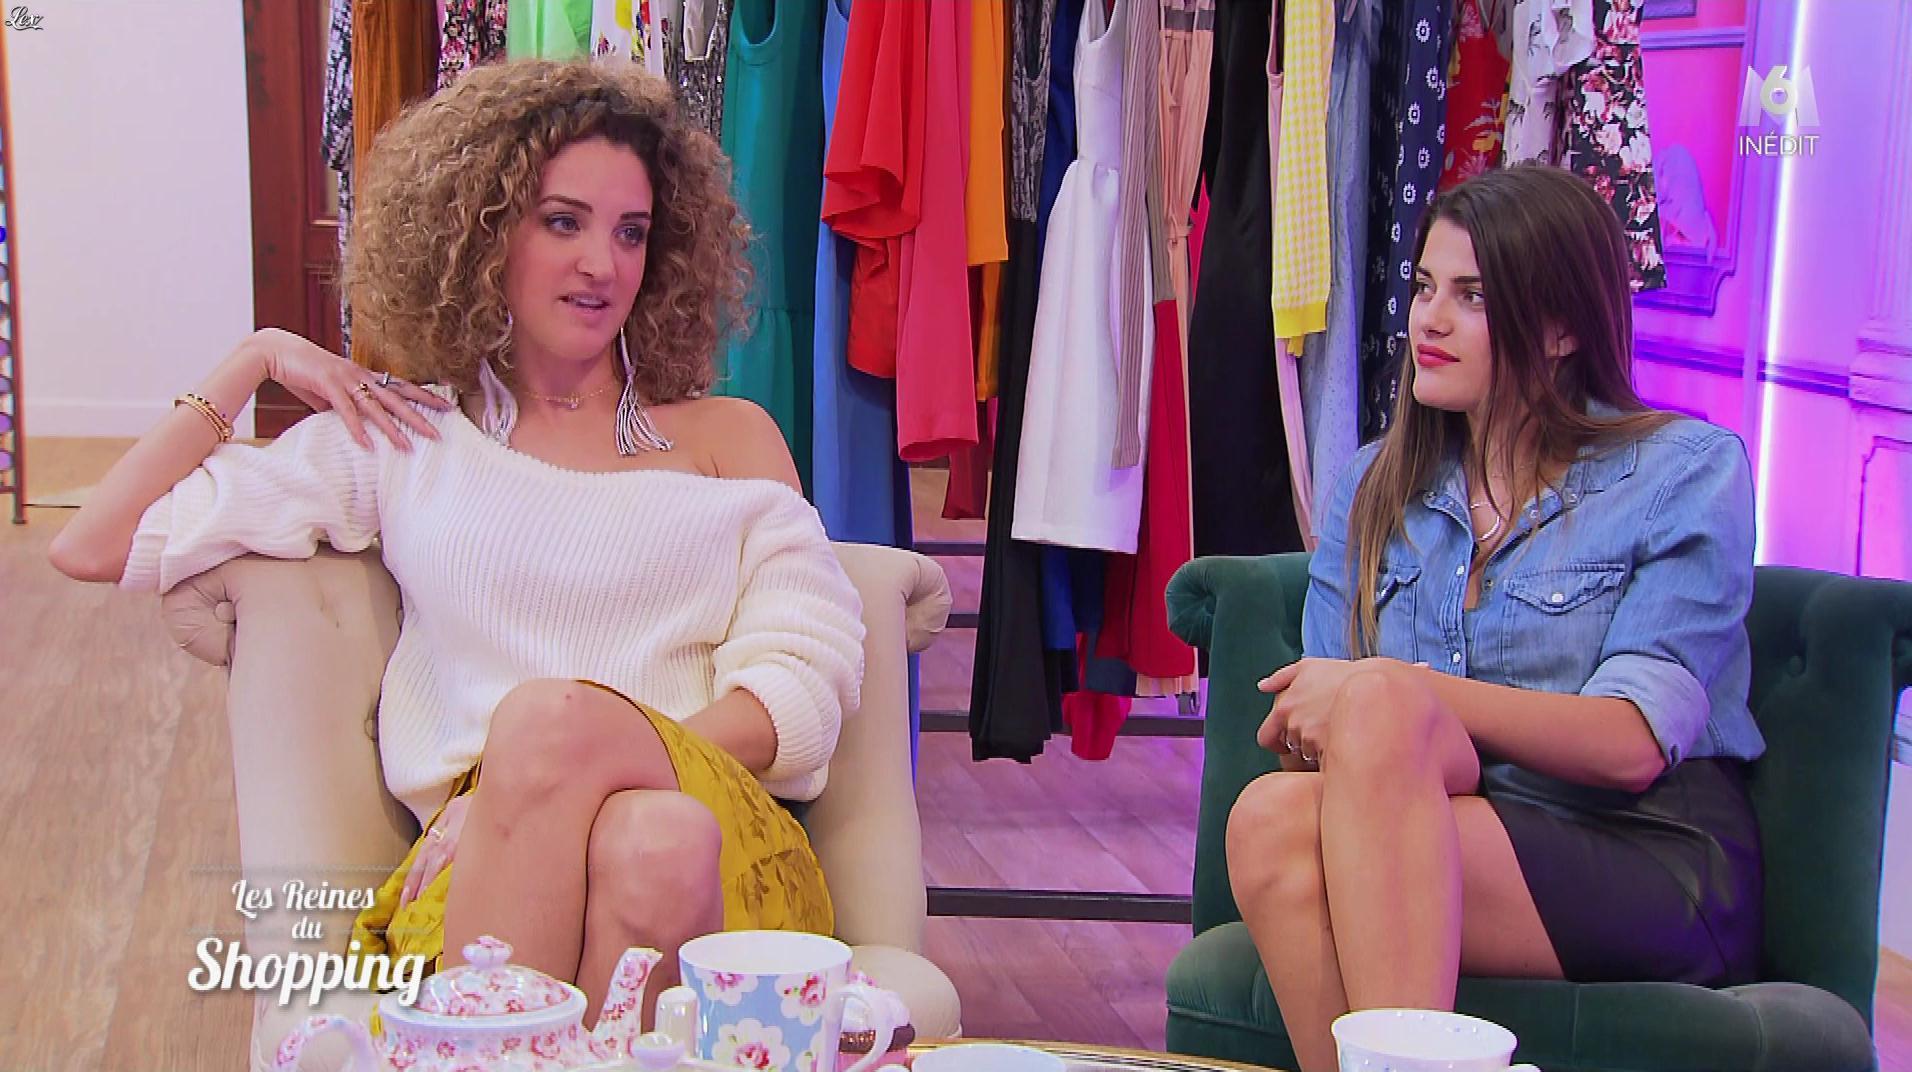 Inconnue dans les Reines du Shopping. Diffusé à la télévision le 01/11/18.